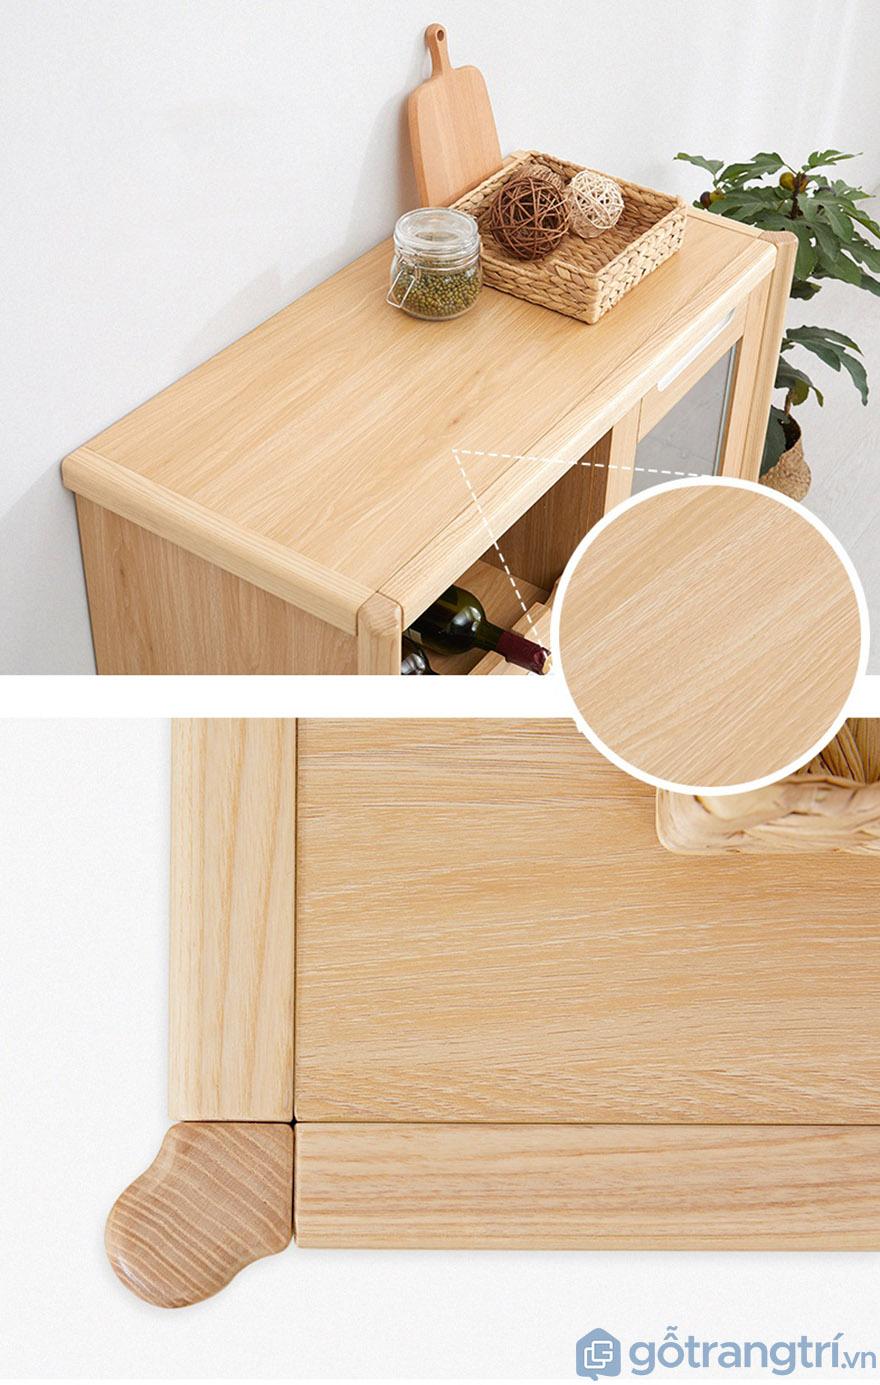 Chất liệu gỗ sồi tự nhiên, có độ bền cao.